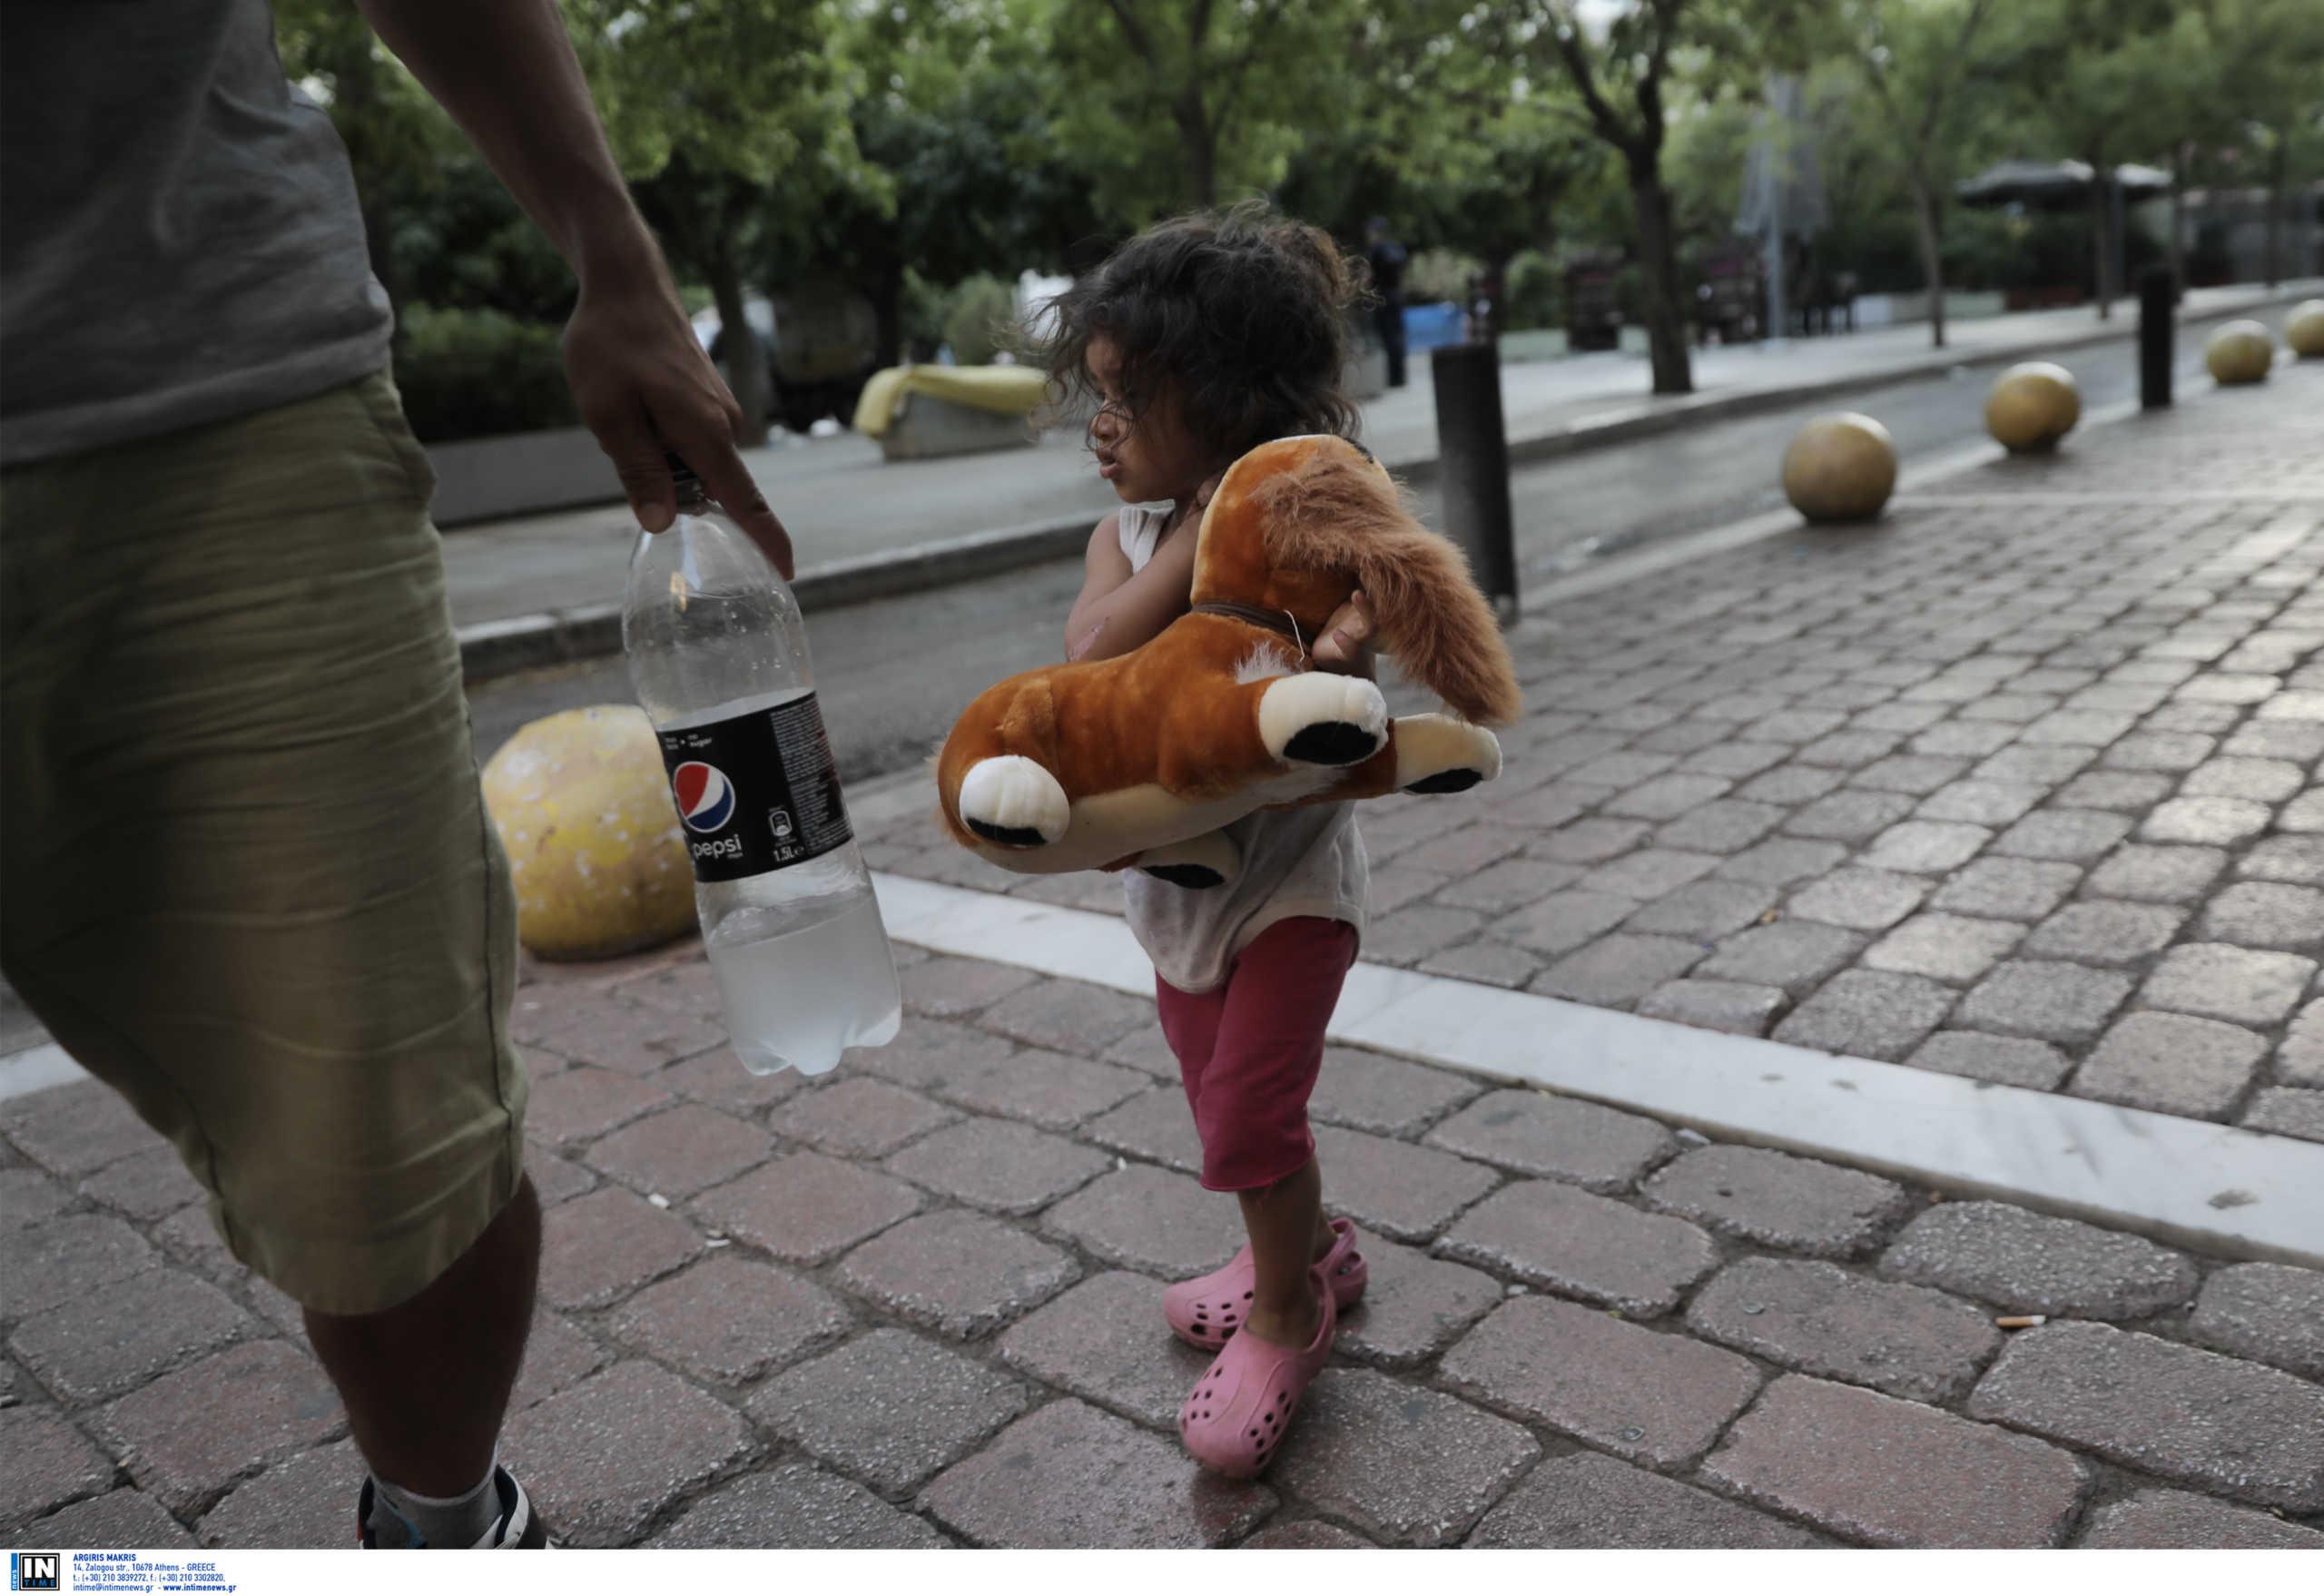 Πλατεία Βικτωρίας: Επιχείρηση της ΕΛΑΣ – Απομακρύνονται πρόσφυγες